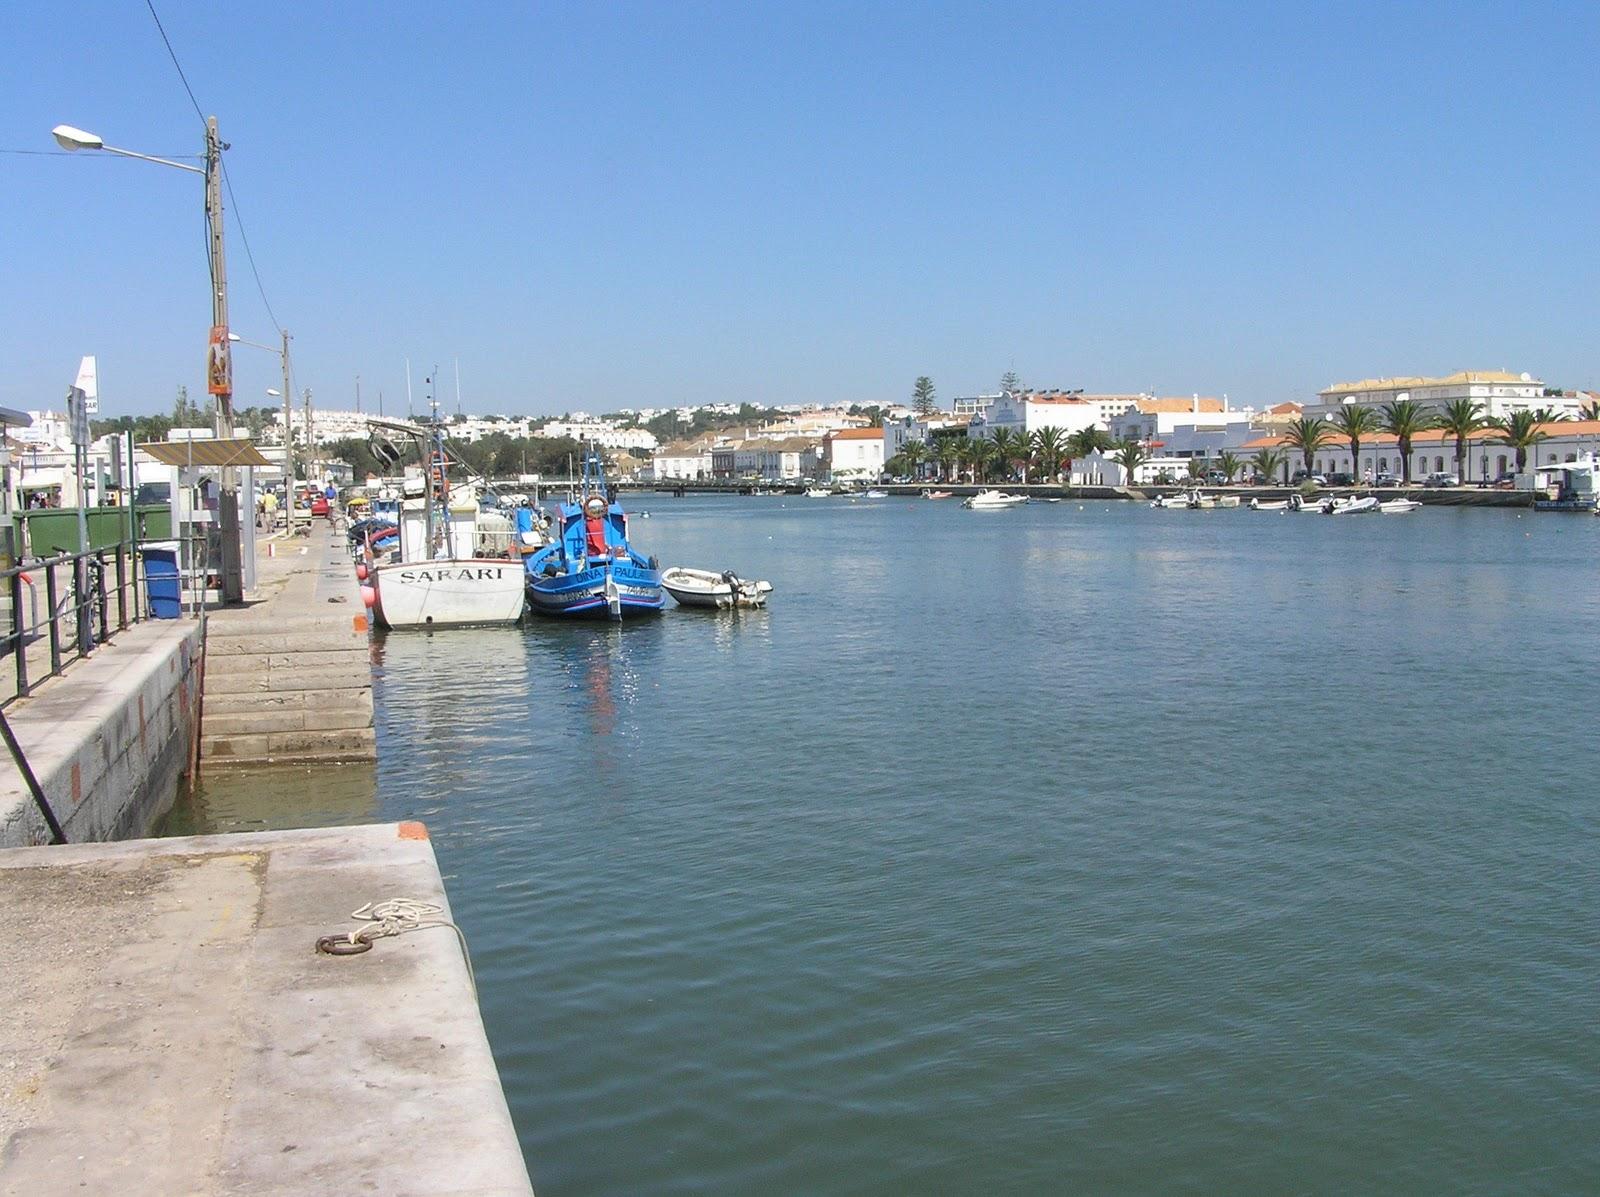 Johnsunseaandskytravel Tavira Algarve Travel Guide